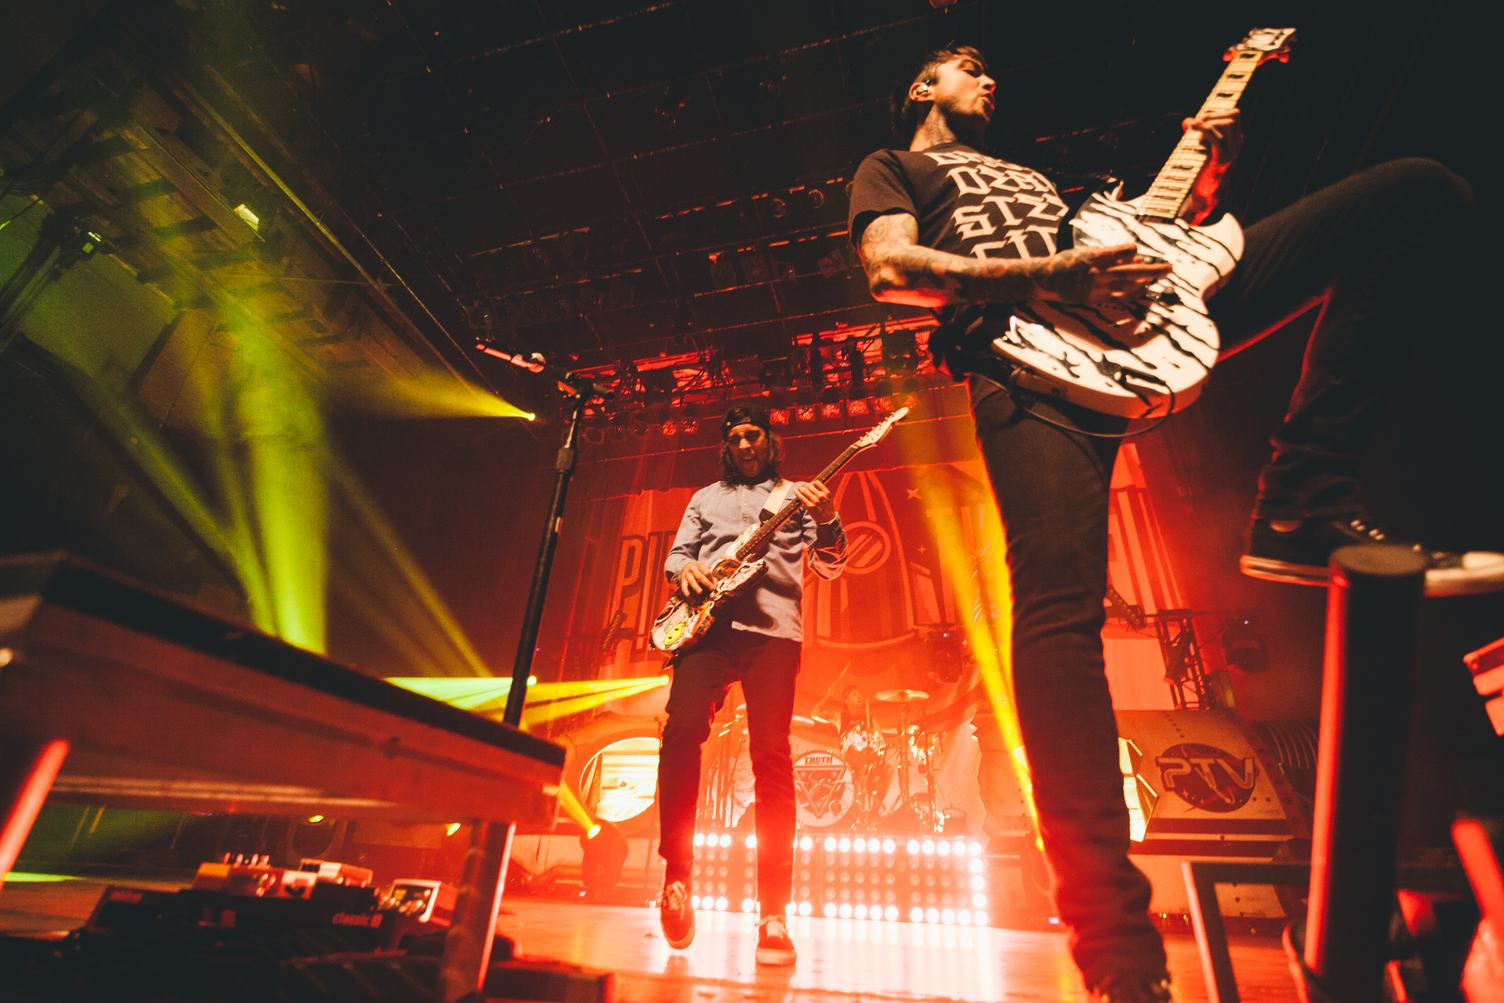 Rock Guitarists Playing Guitar at a Concert